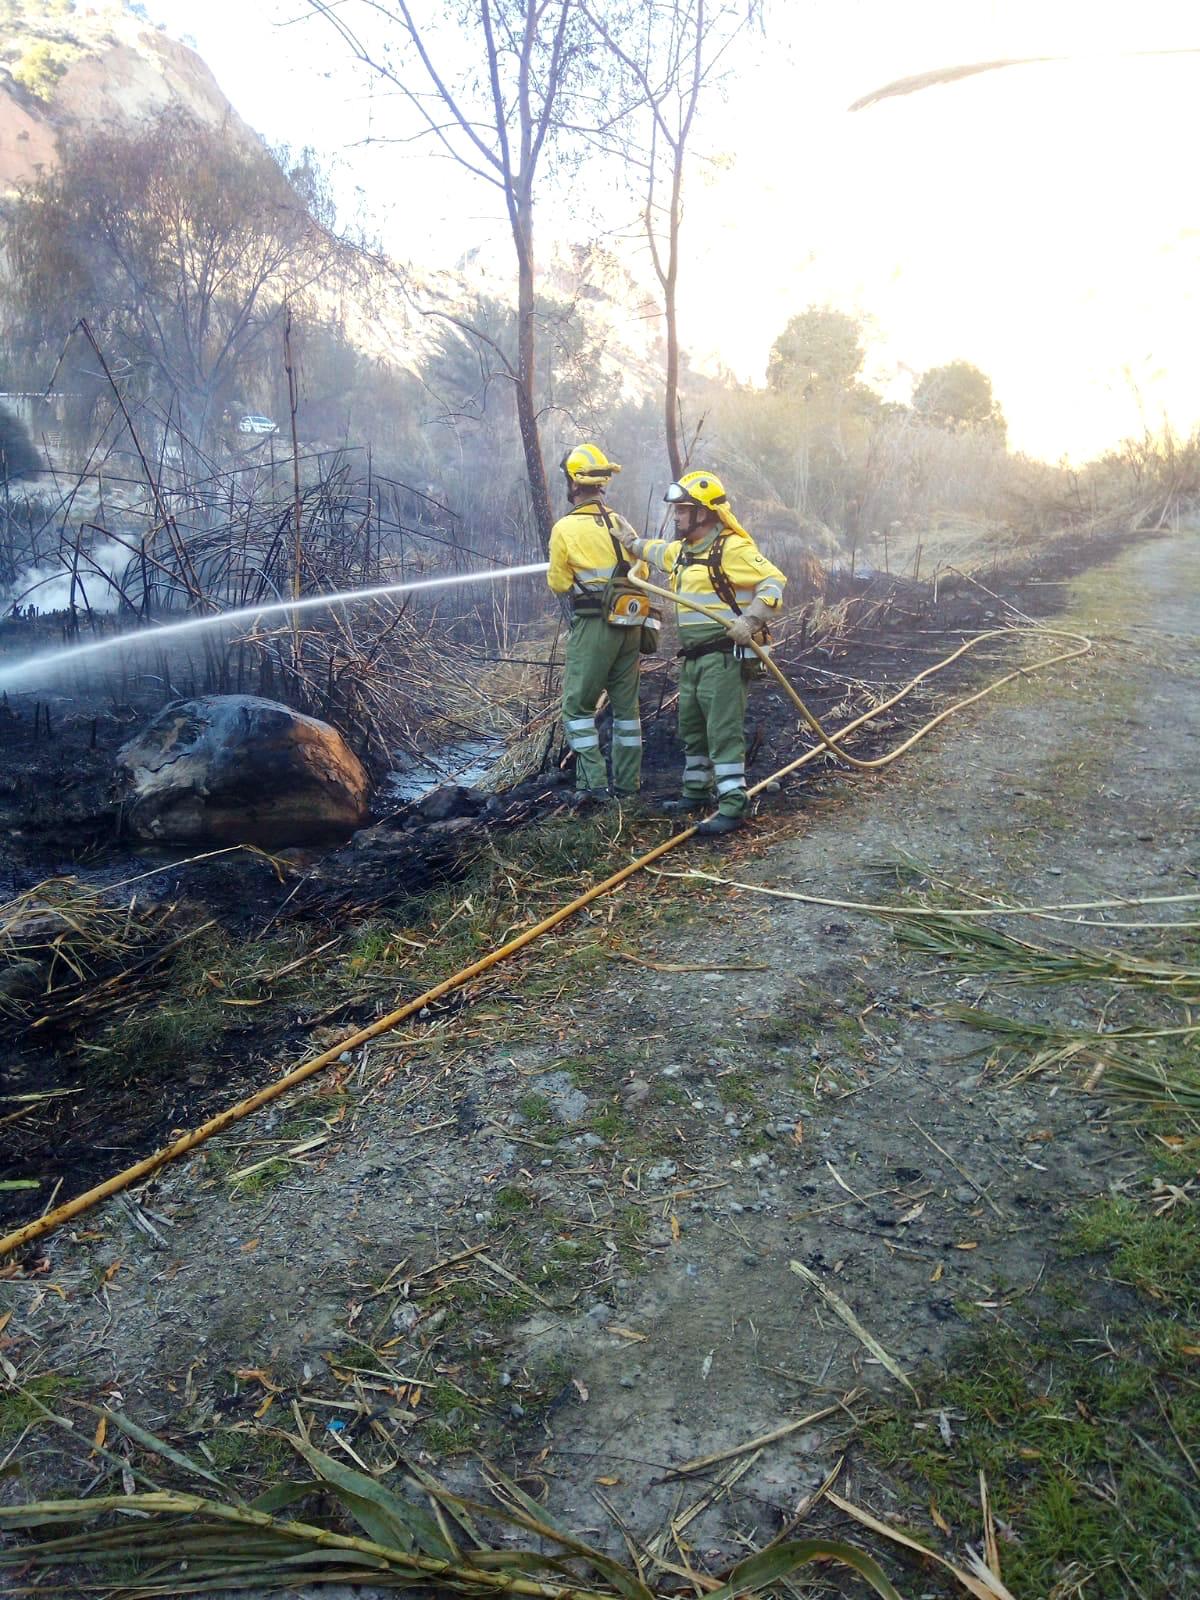 Agentes medioambientales y brigadas forestales refuerzan durante el verano las tareas para la prevención de incendios. Imagen: CARM